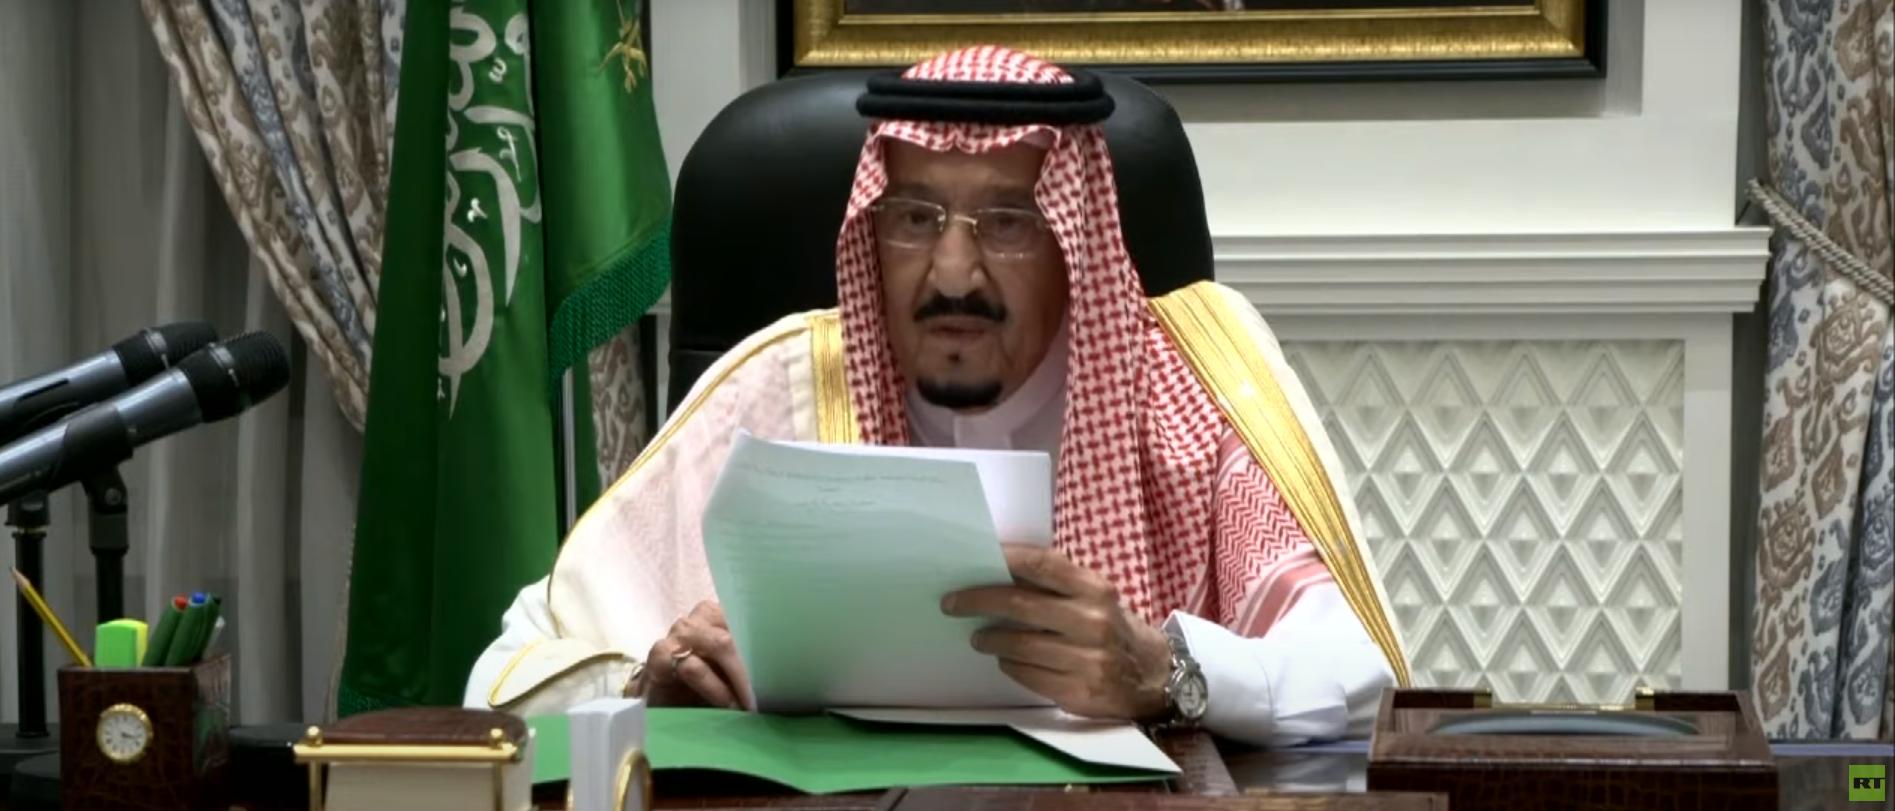 العاهل السعودي، الملك سلمان بن عبد العزيز.